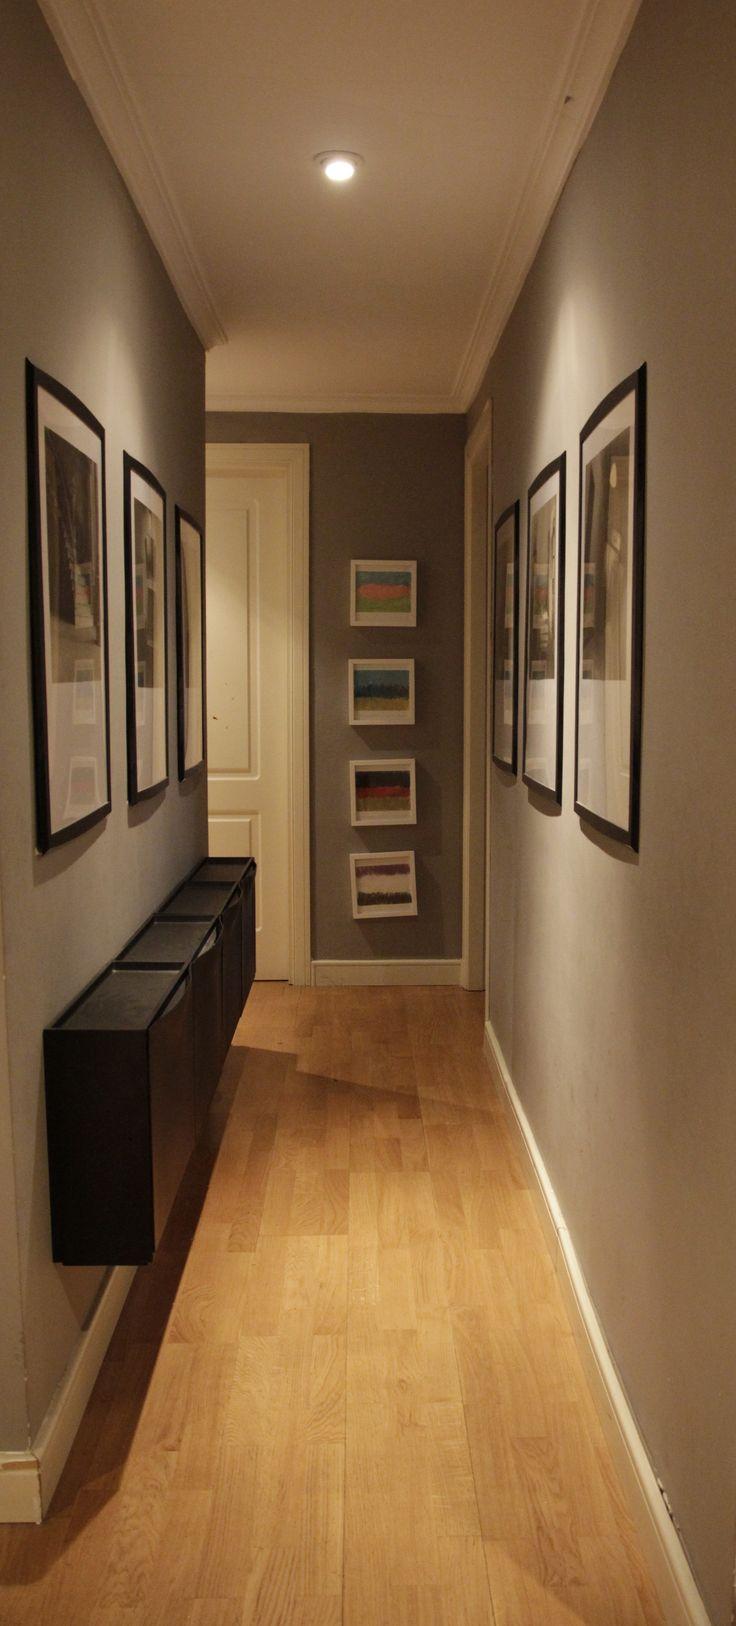 C mo decorar los pasillos de una casa u oficina utilizando for Pasillos con encanto